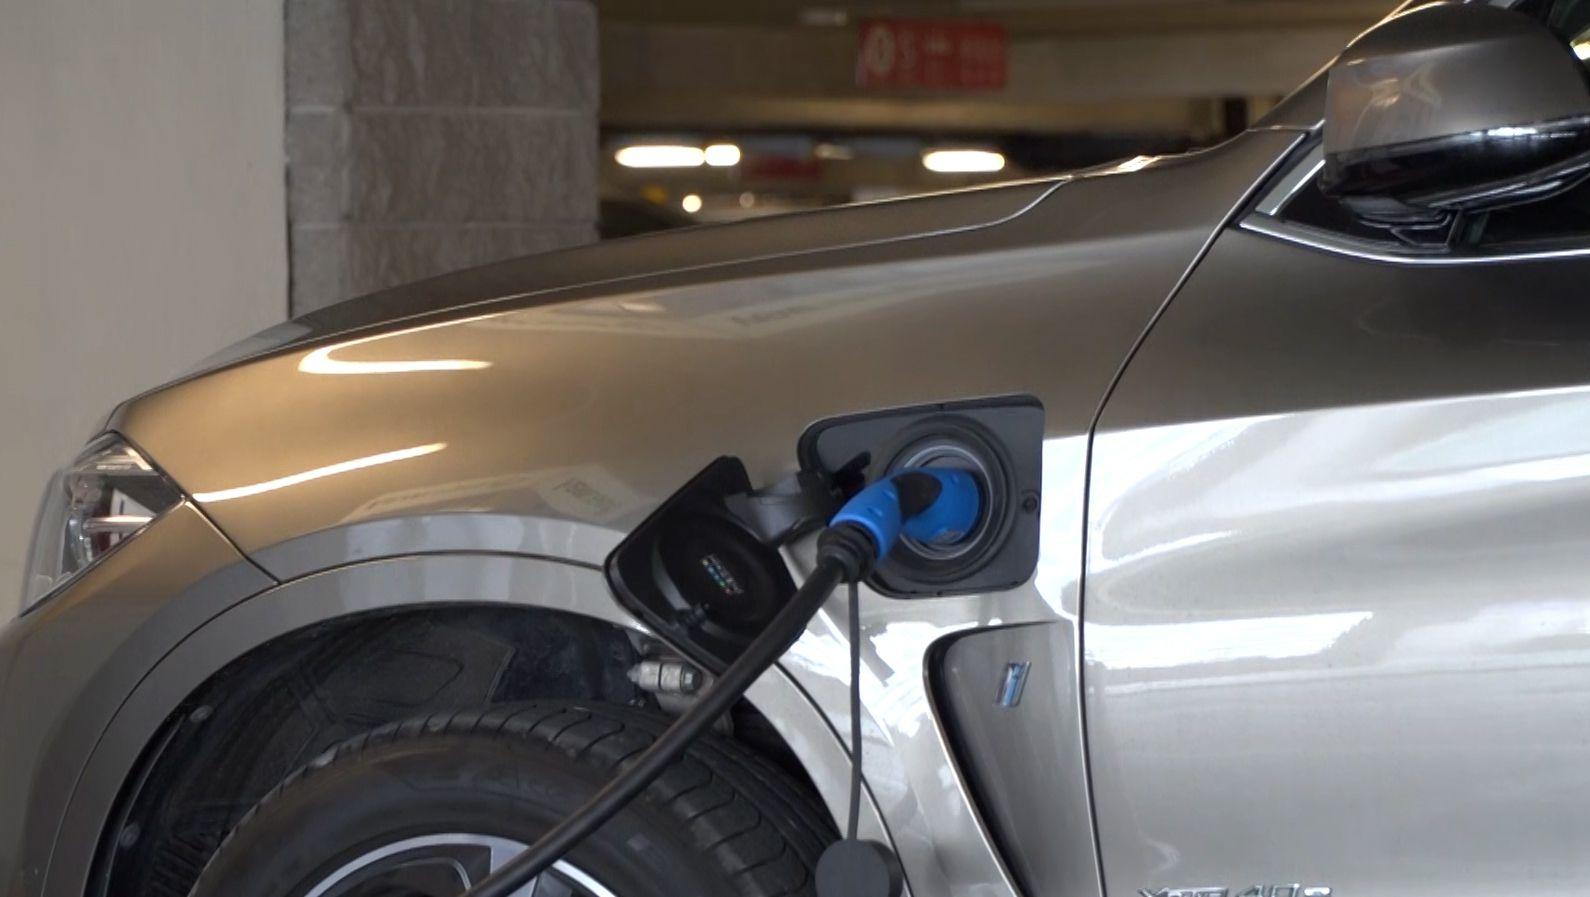 Eksperci: Zabezpieczenia przeciwpożarowe polskich parkingów podziemnych i tuneli nie są przygotowane na pojazdy elektryczne